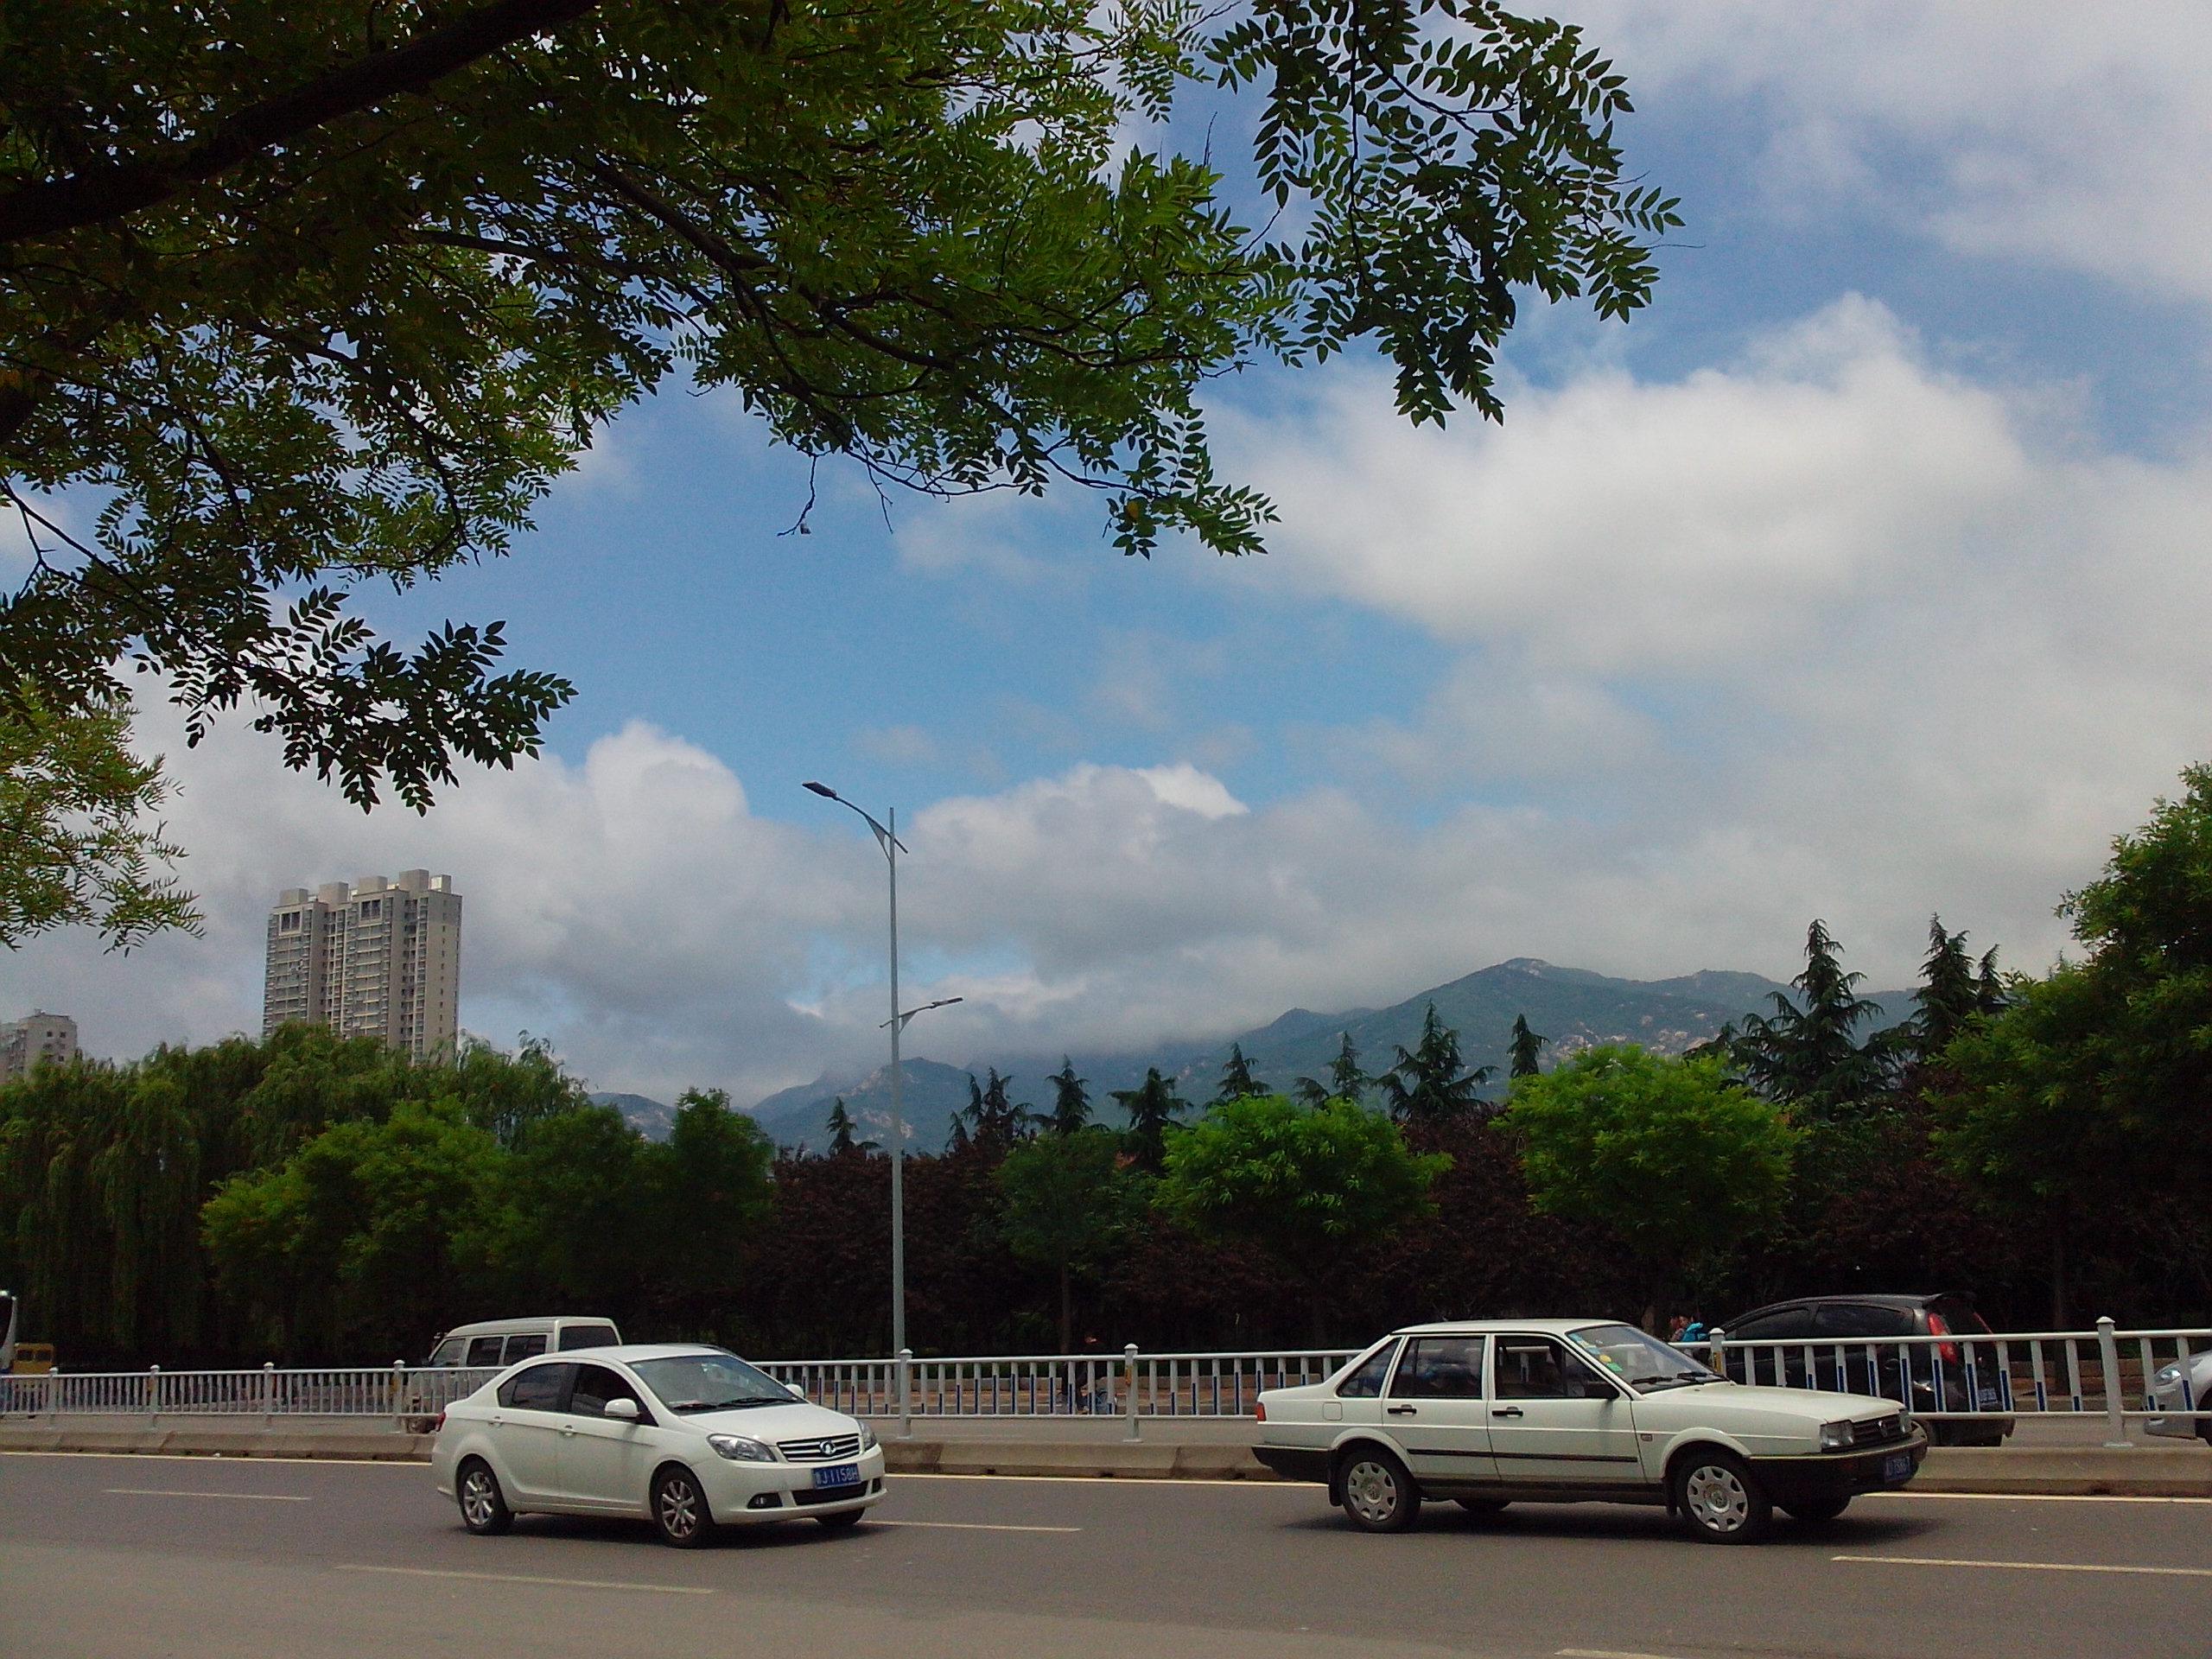 绿树远山,蓝天白云~我们的城市其实也很美